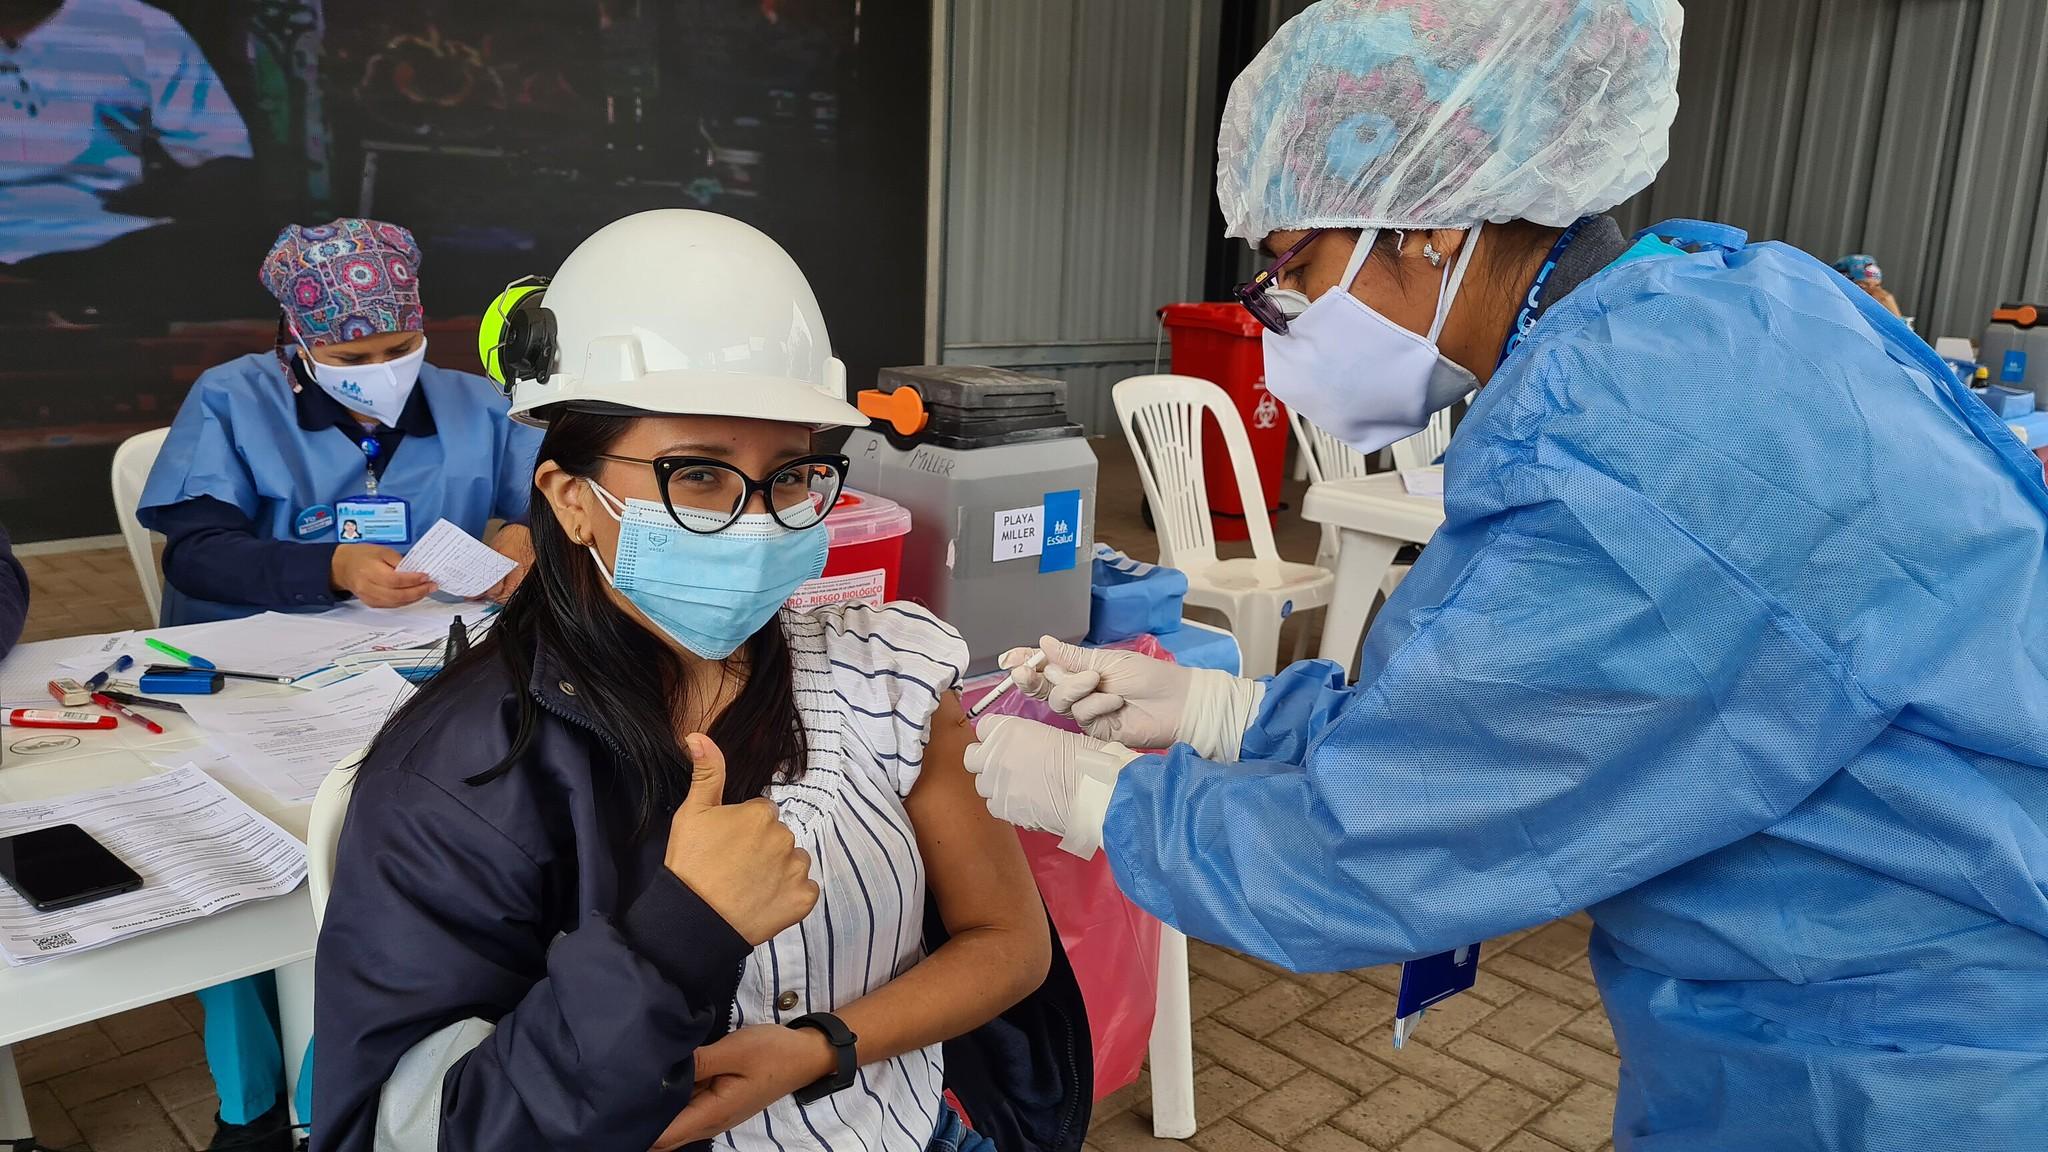 Essalud - EsSalud promueve vacunación en empresas para reactivar la economía